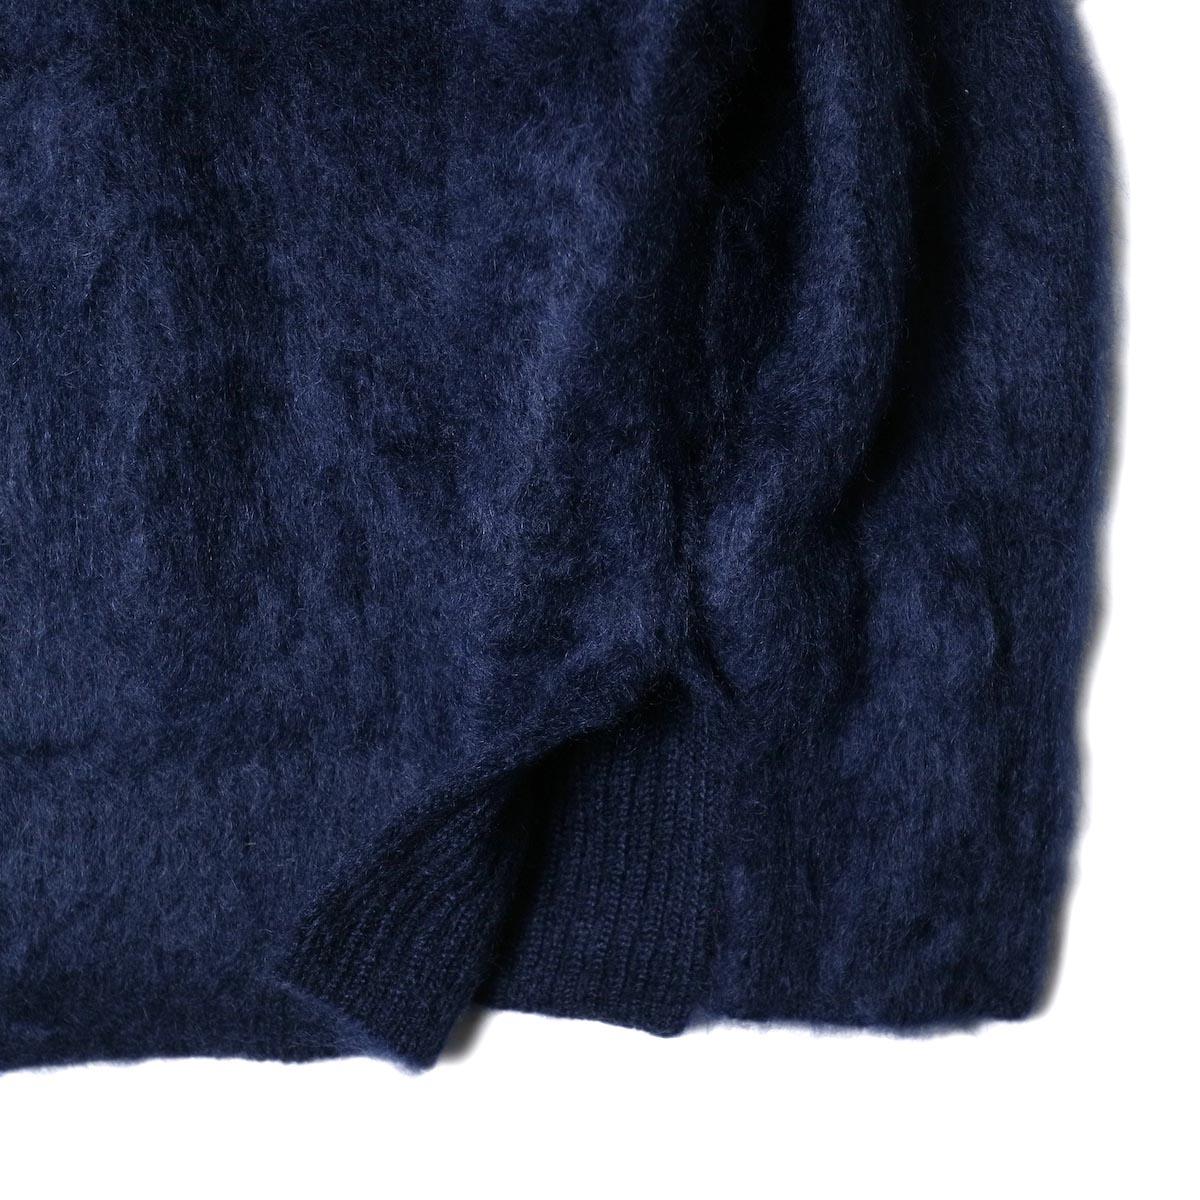 YLEVE / KID MOHAIR SHAGGY KN P/O (navy) 袖・裾